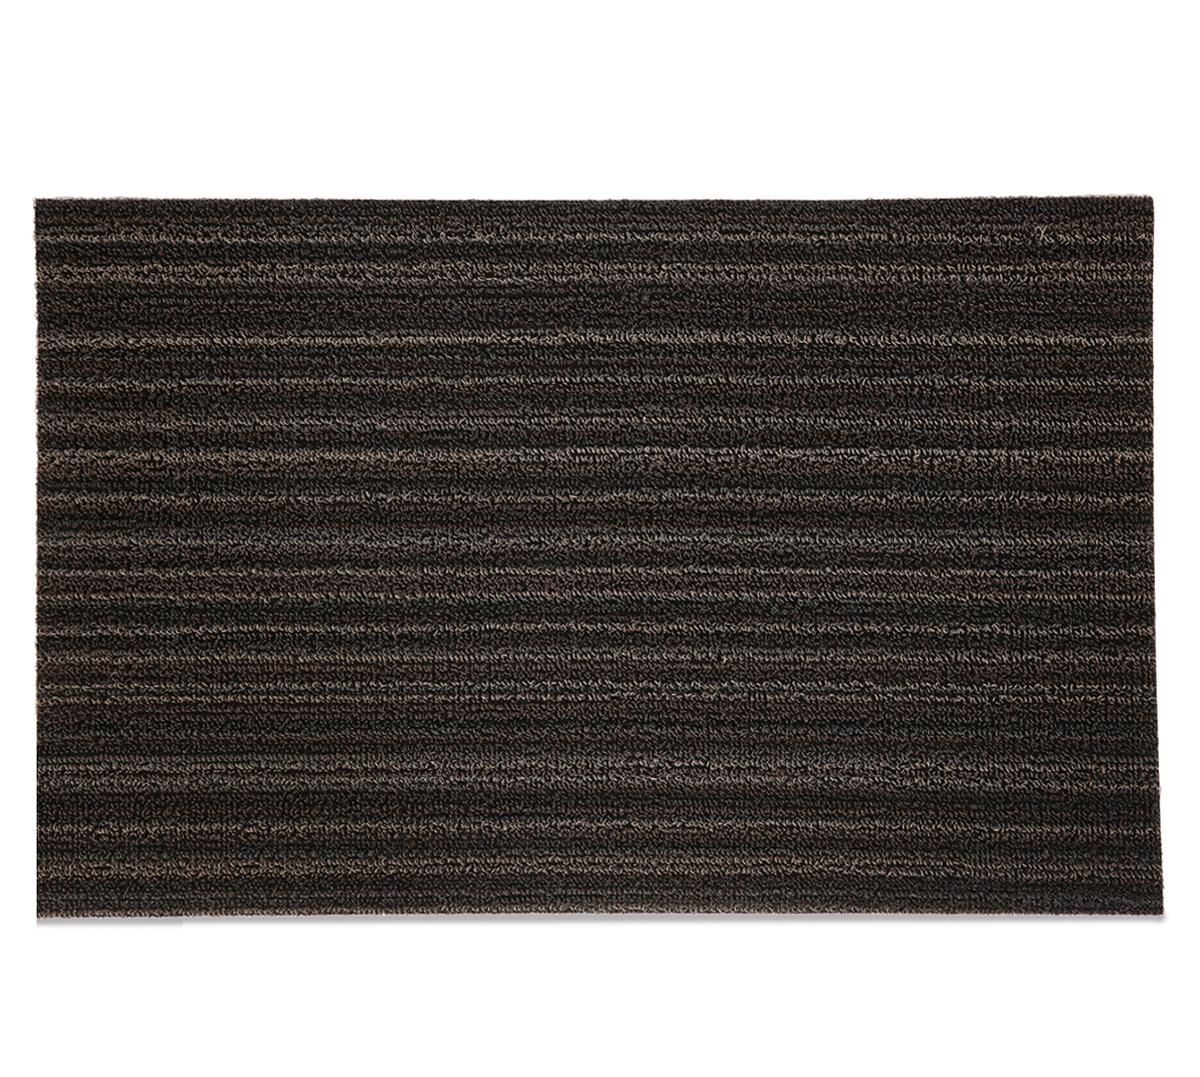 Chil ShagSkinny Doormat Mocha 46x71cm